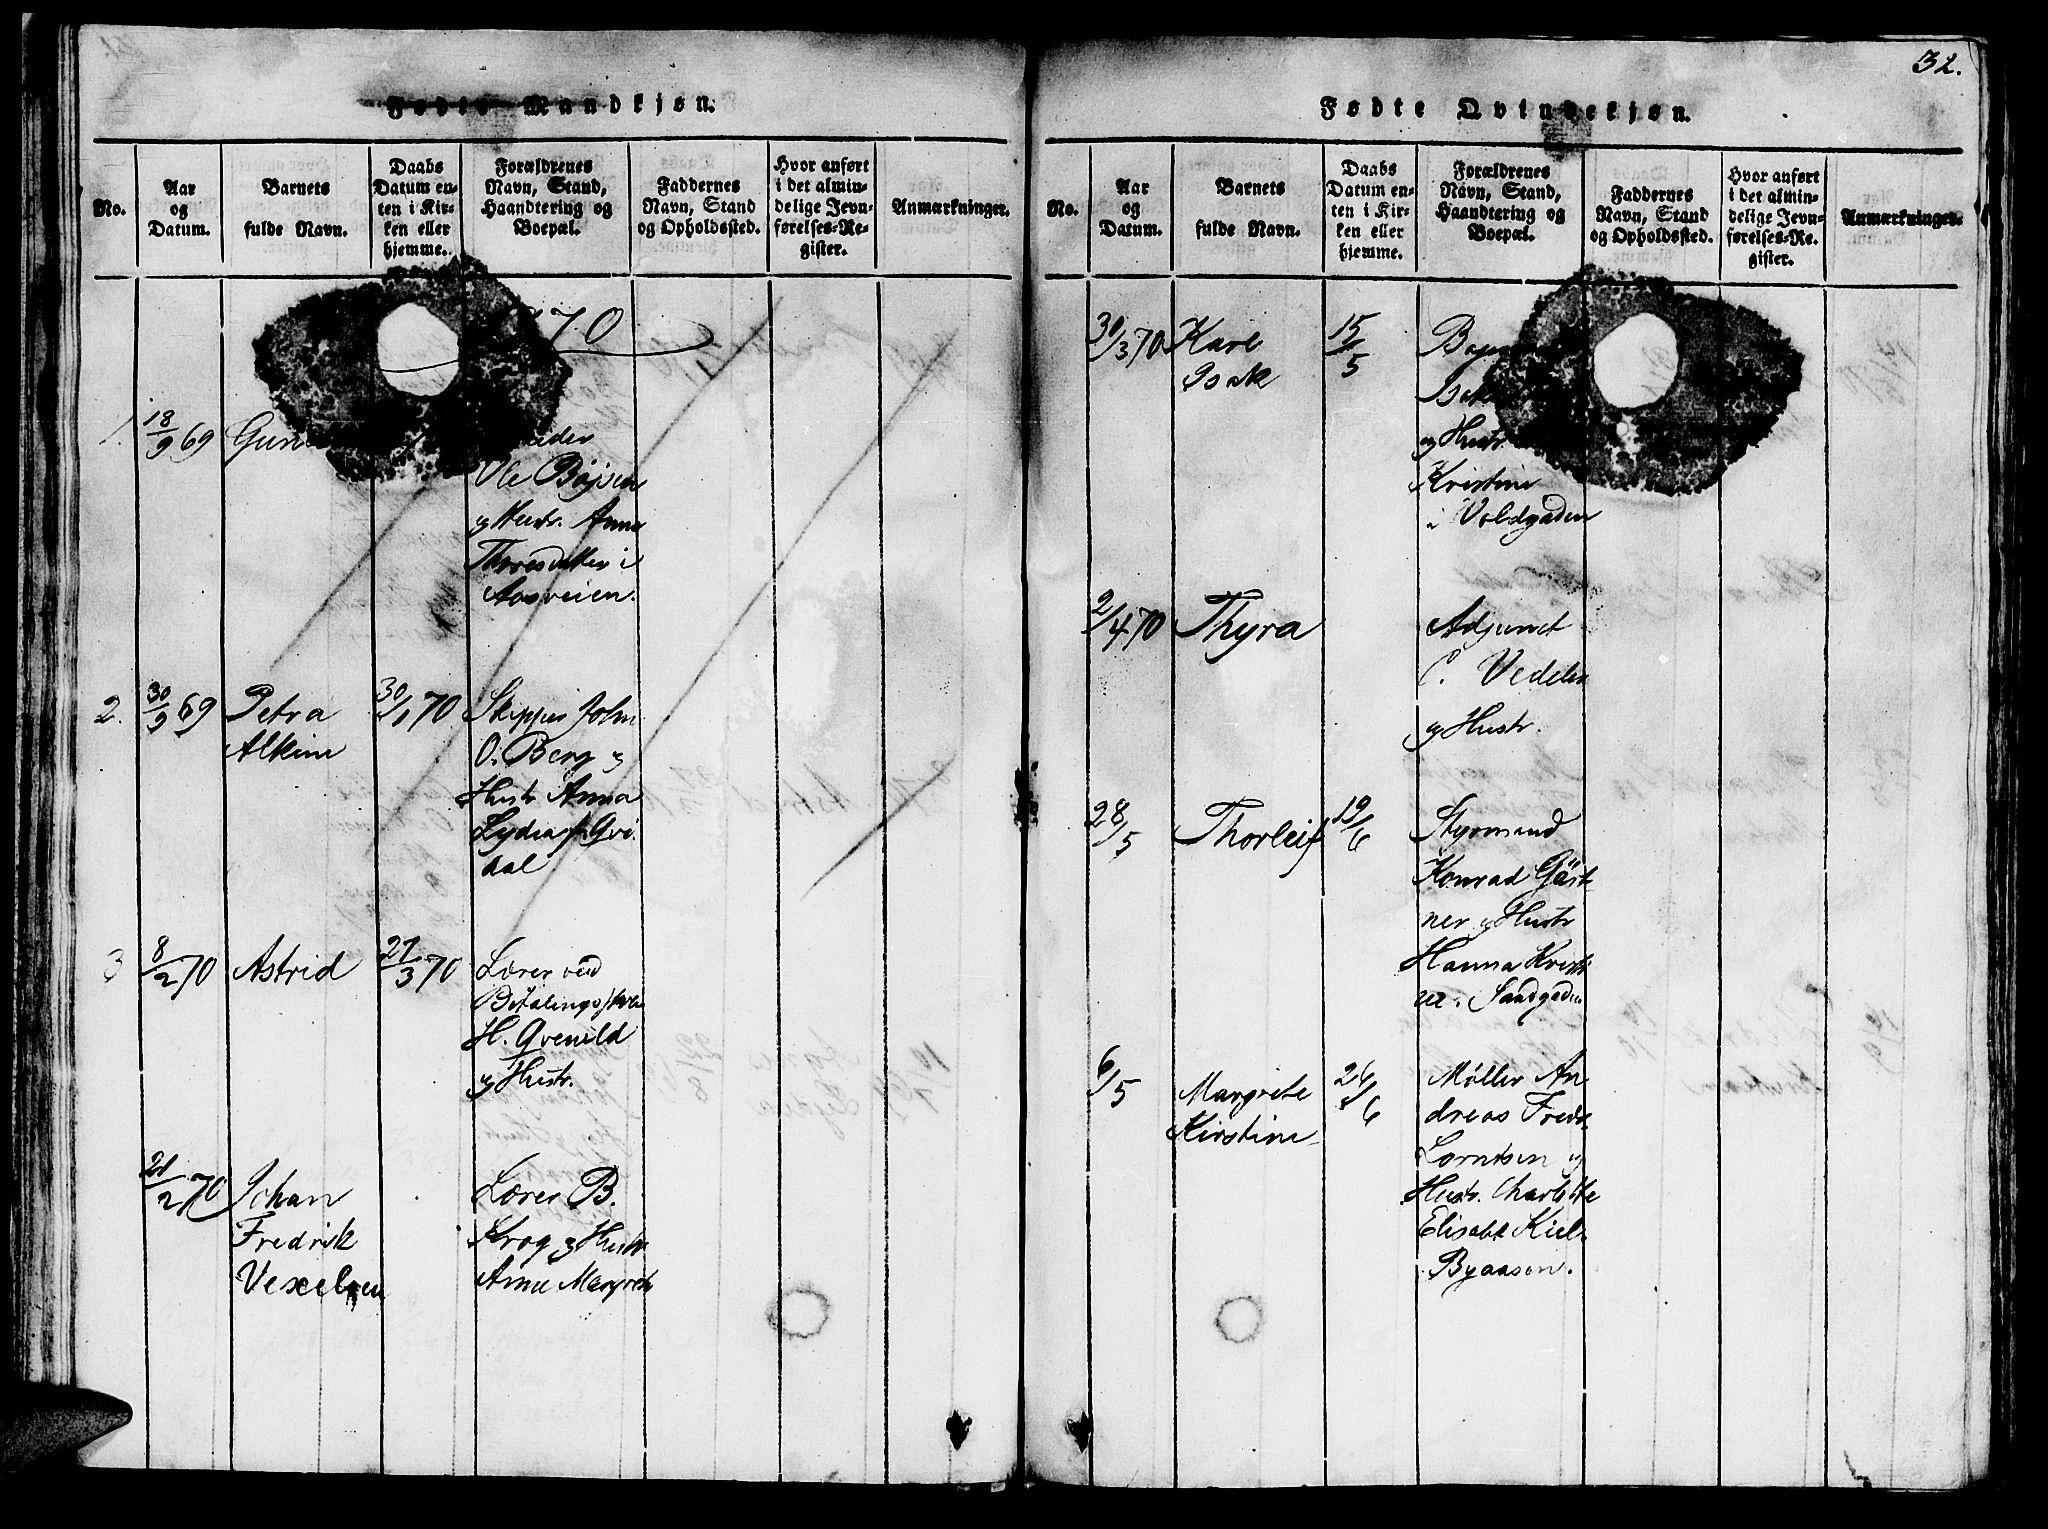 SAT, Ministerialprotokoller, klokkerbøker og fødselsregistre - Sør-Trøndelag, 623/L0478: Klokkerbok nr. 623C01, 1815-1873, s. 32